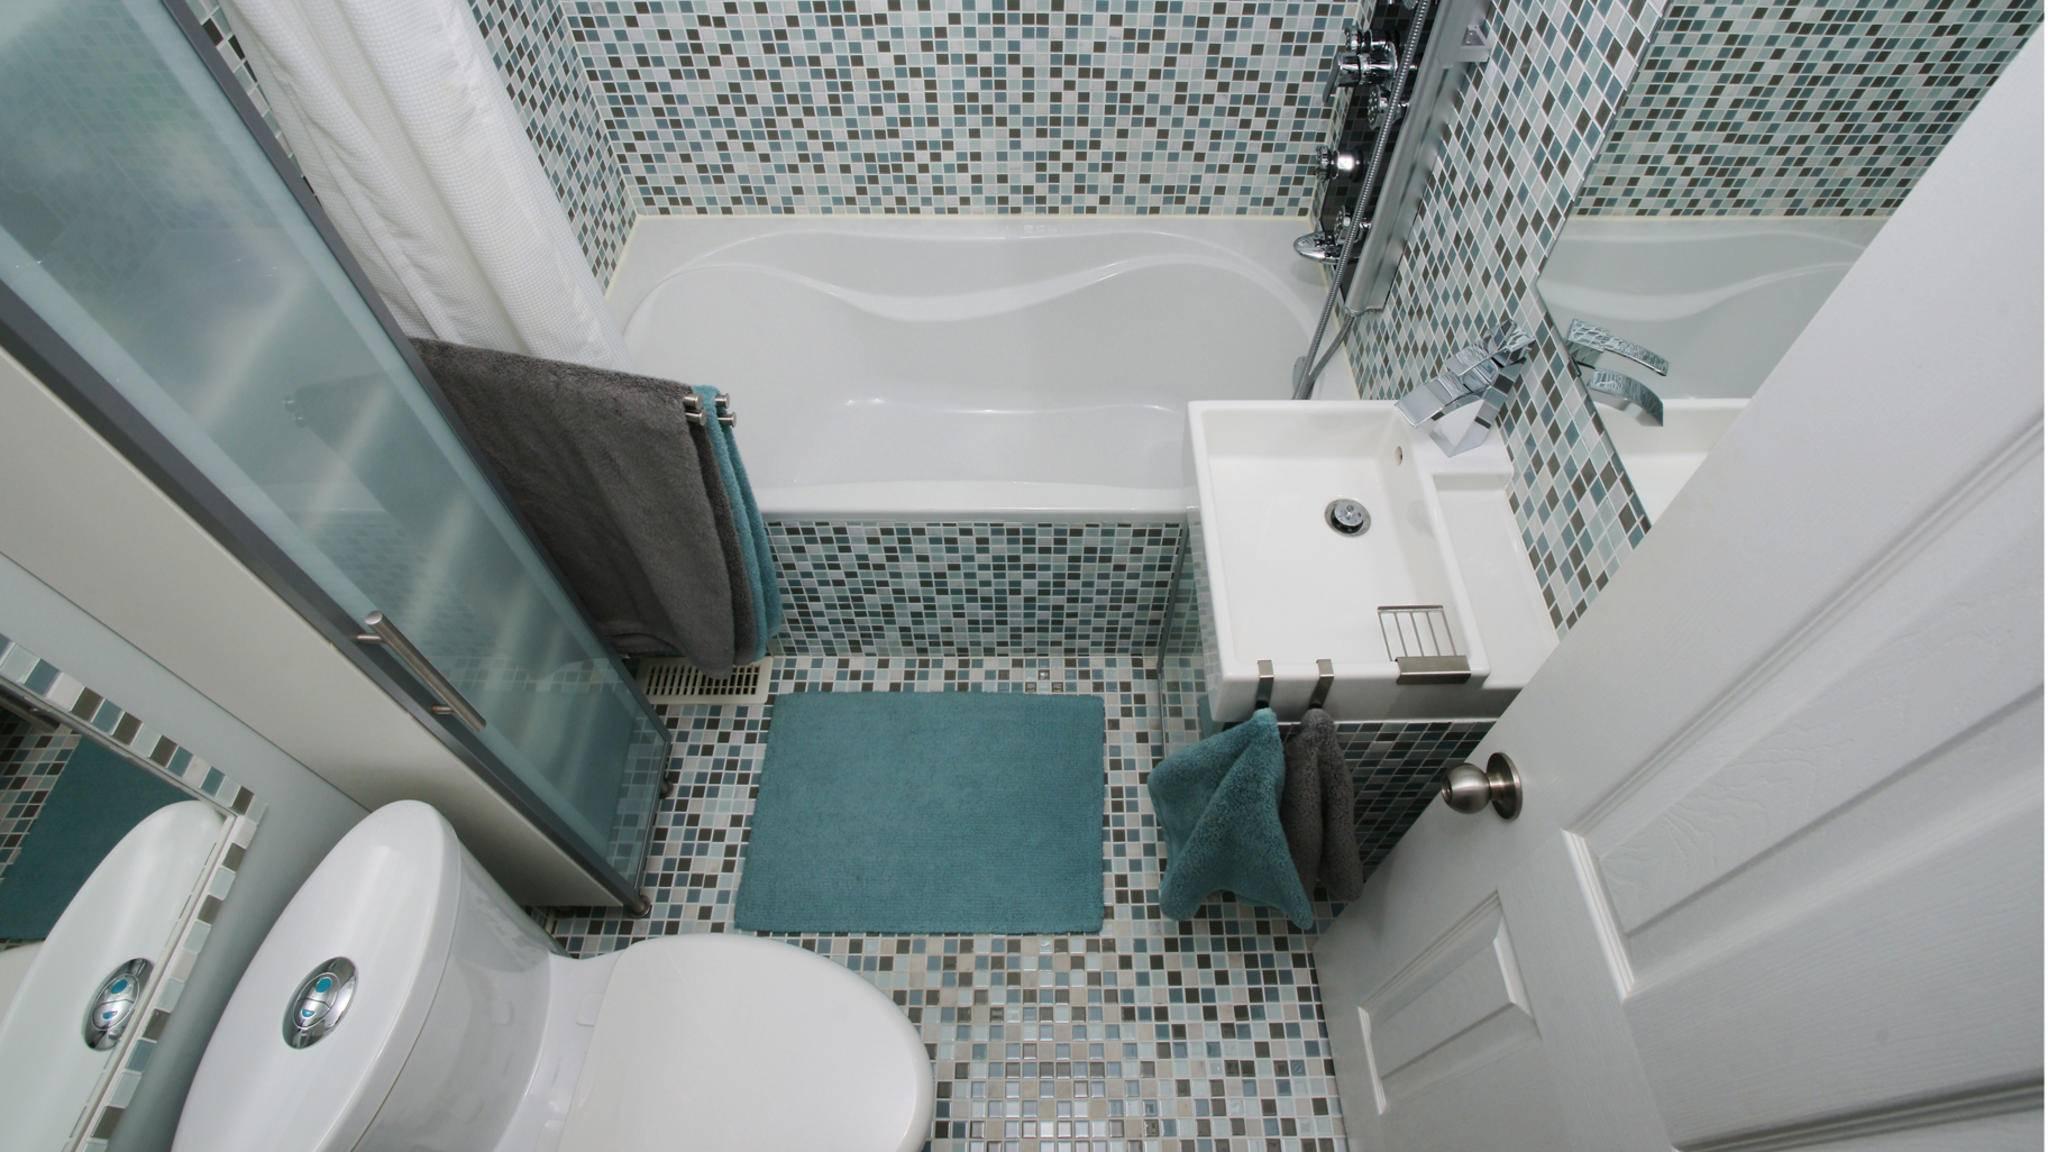 Den Platz voll ausnutzen: 10 Ideen für kleine Badezimmer